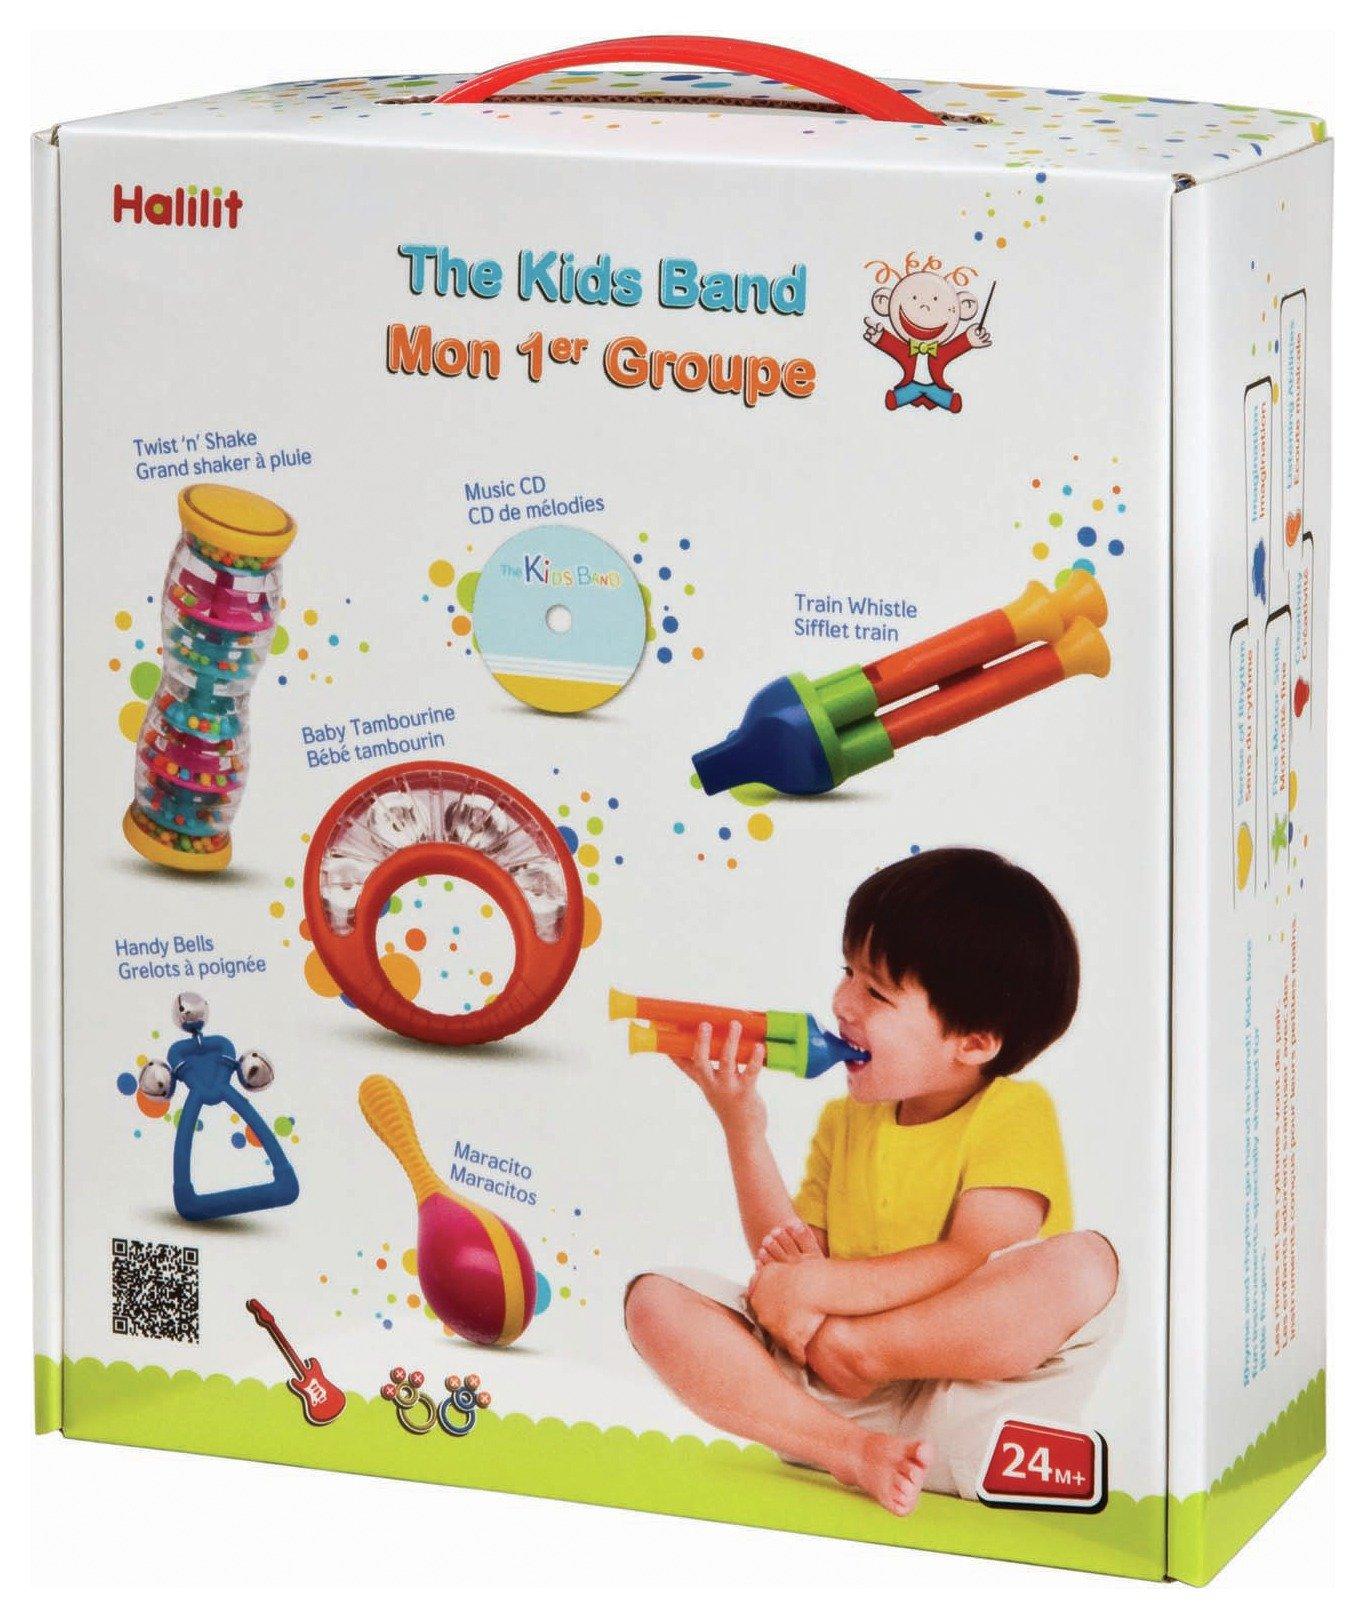 Halilit The Kids Band.